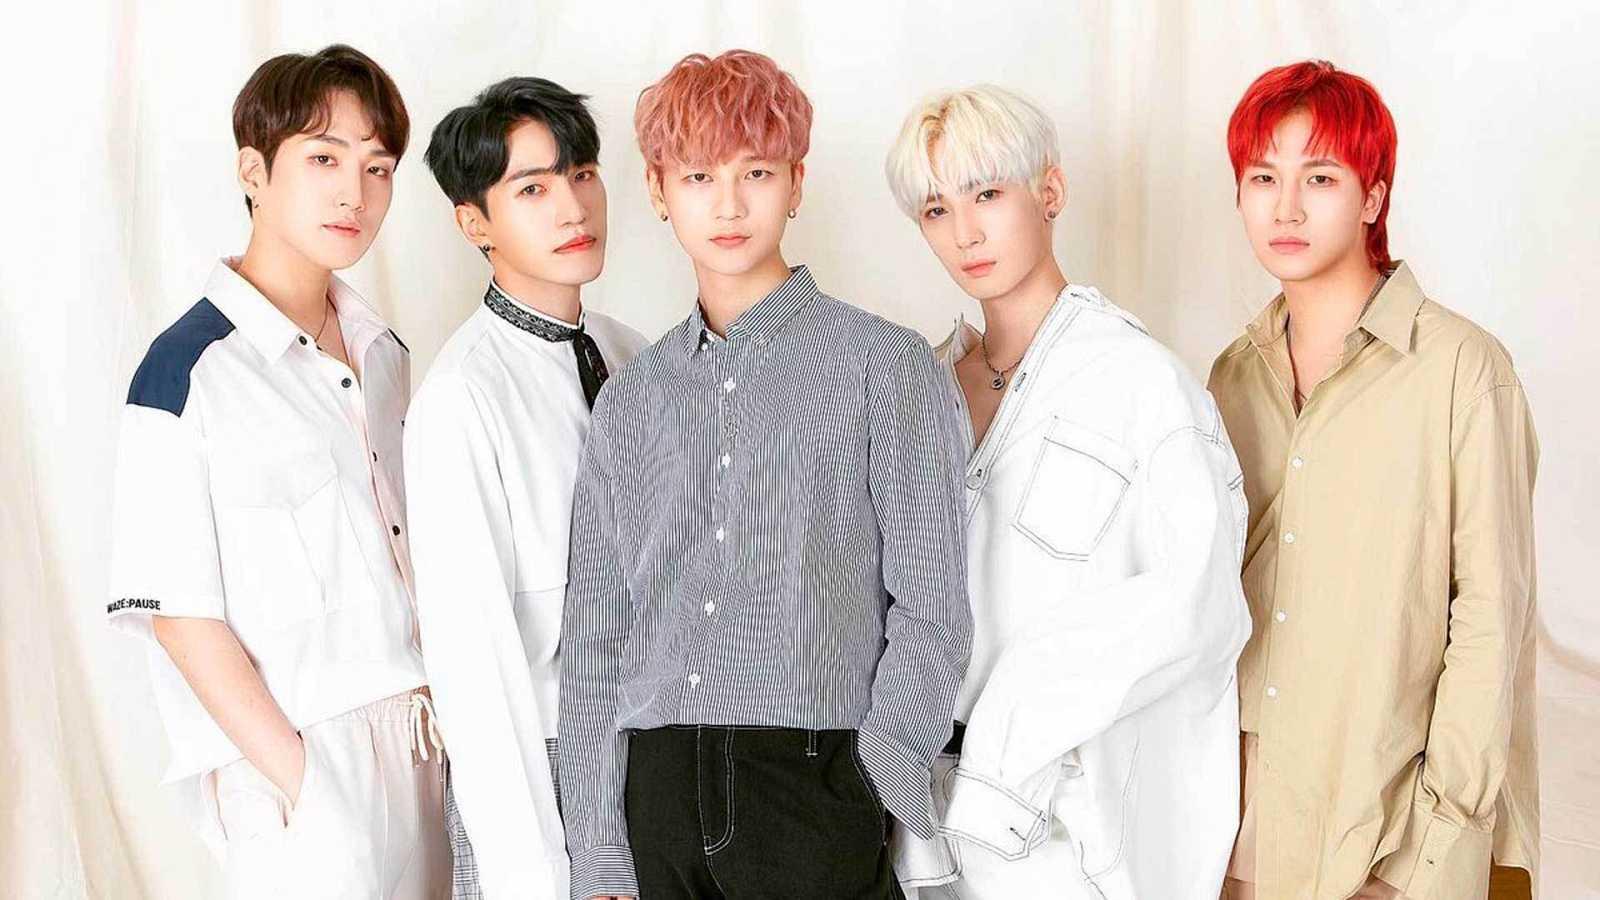 MUSTB, formado por Sihoo, Taegeon, Soohyun, Sangwoo, Doha, Hawoo Wooyeon.